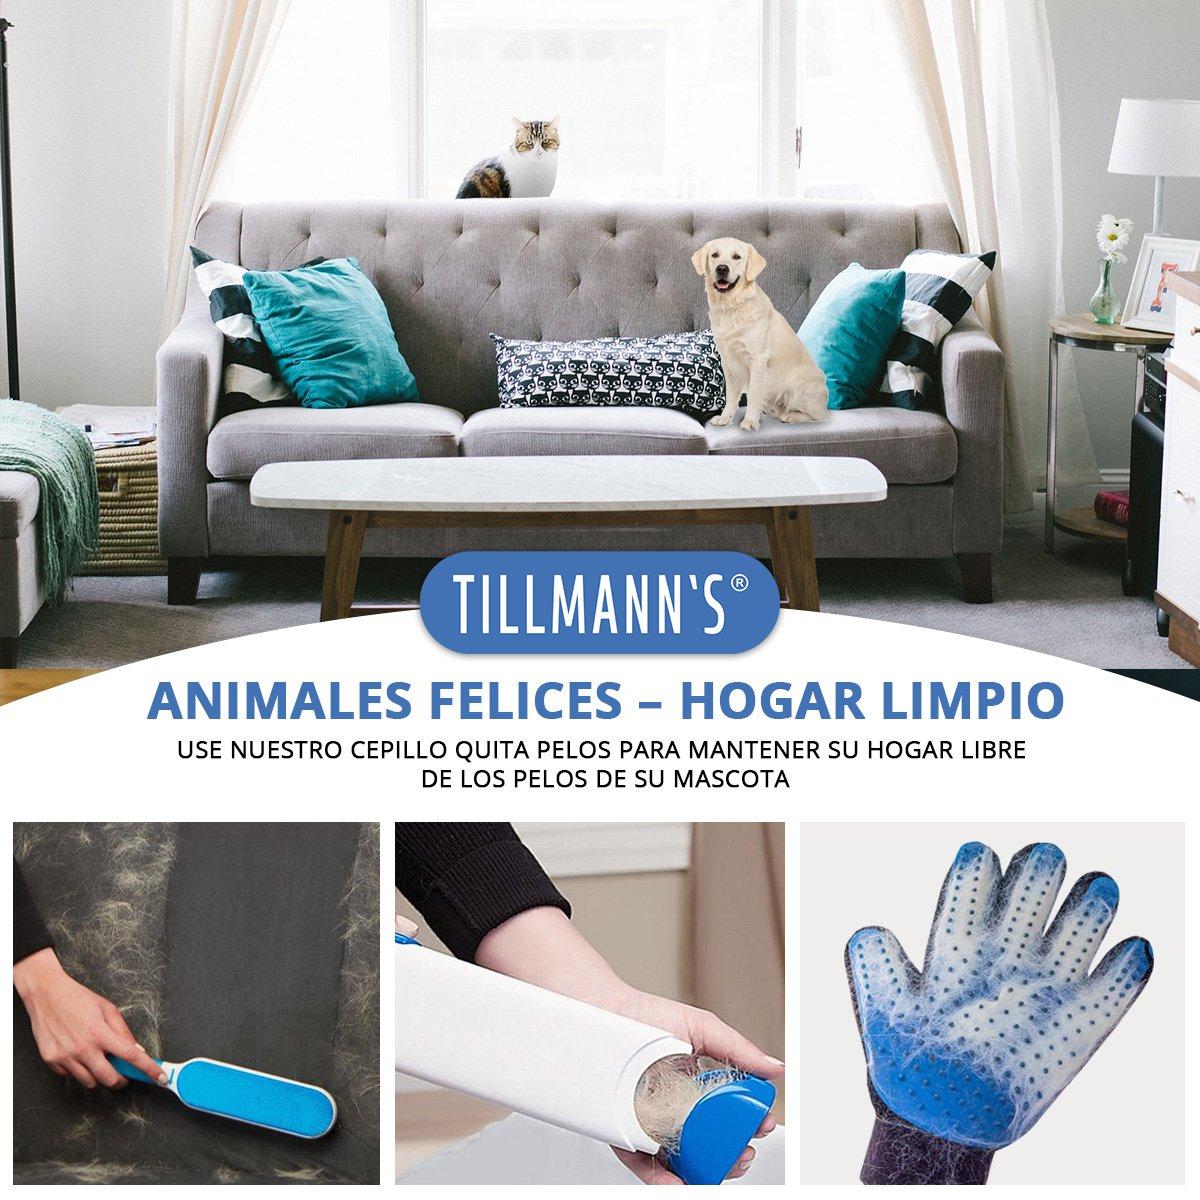 HappyPets Quita Pelos Gato - Perro - Mascotas | Cepillo Recoge Pelos | Atrapa Pelos Del Sofa O La Ropa | Quitapelos Pet Hair: Amazon.es: Productos para ...